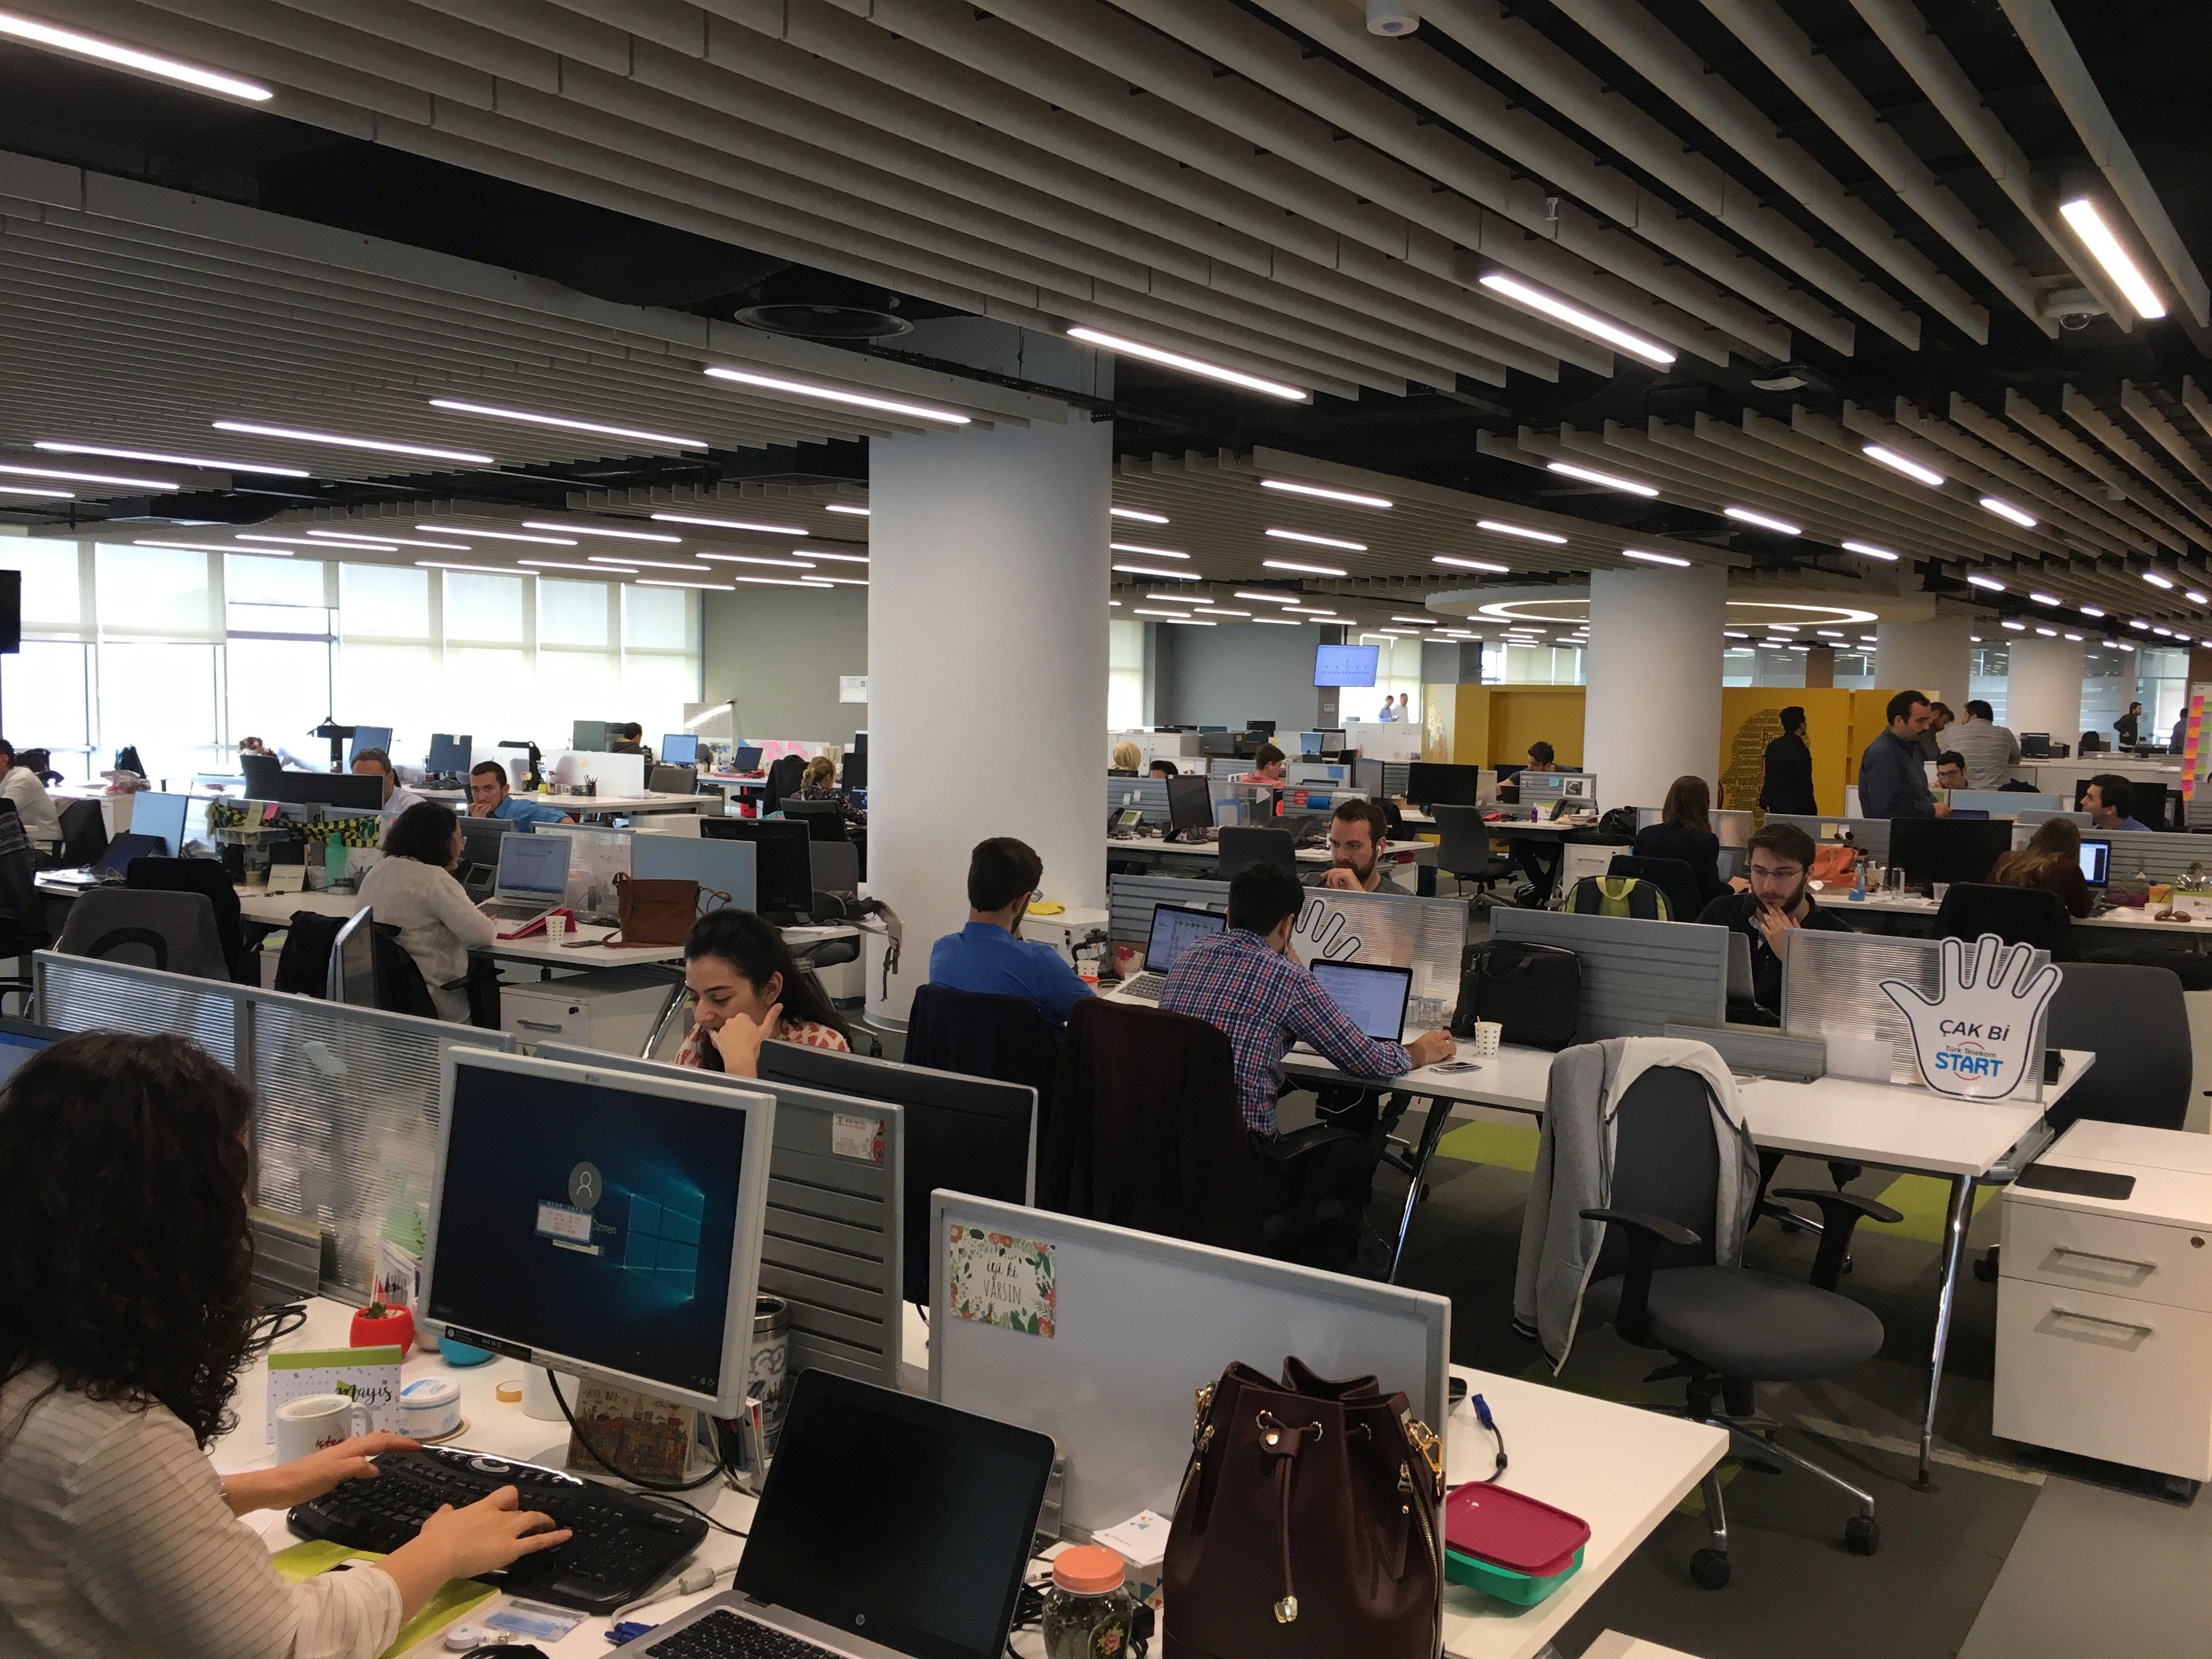 Türk Telekom Grup Teknoloji Merkezi İşi A4